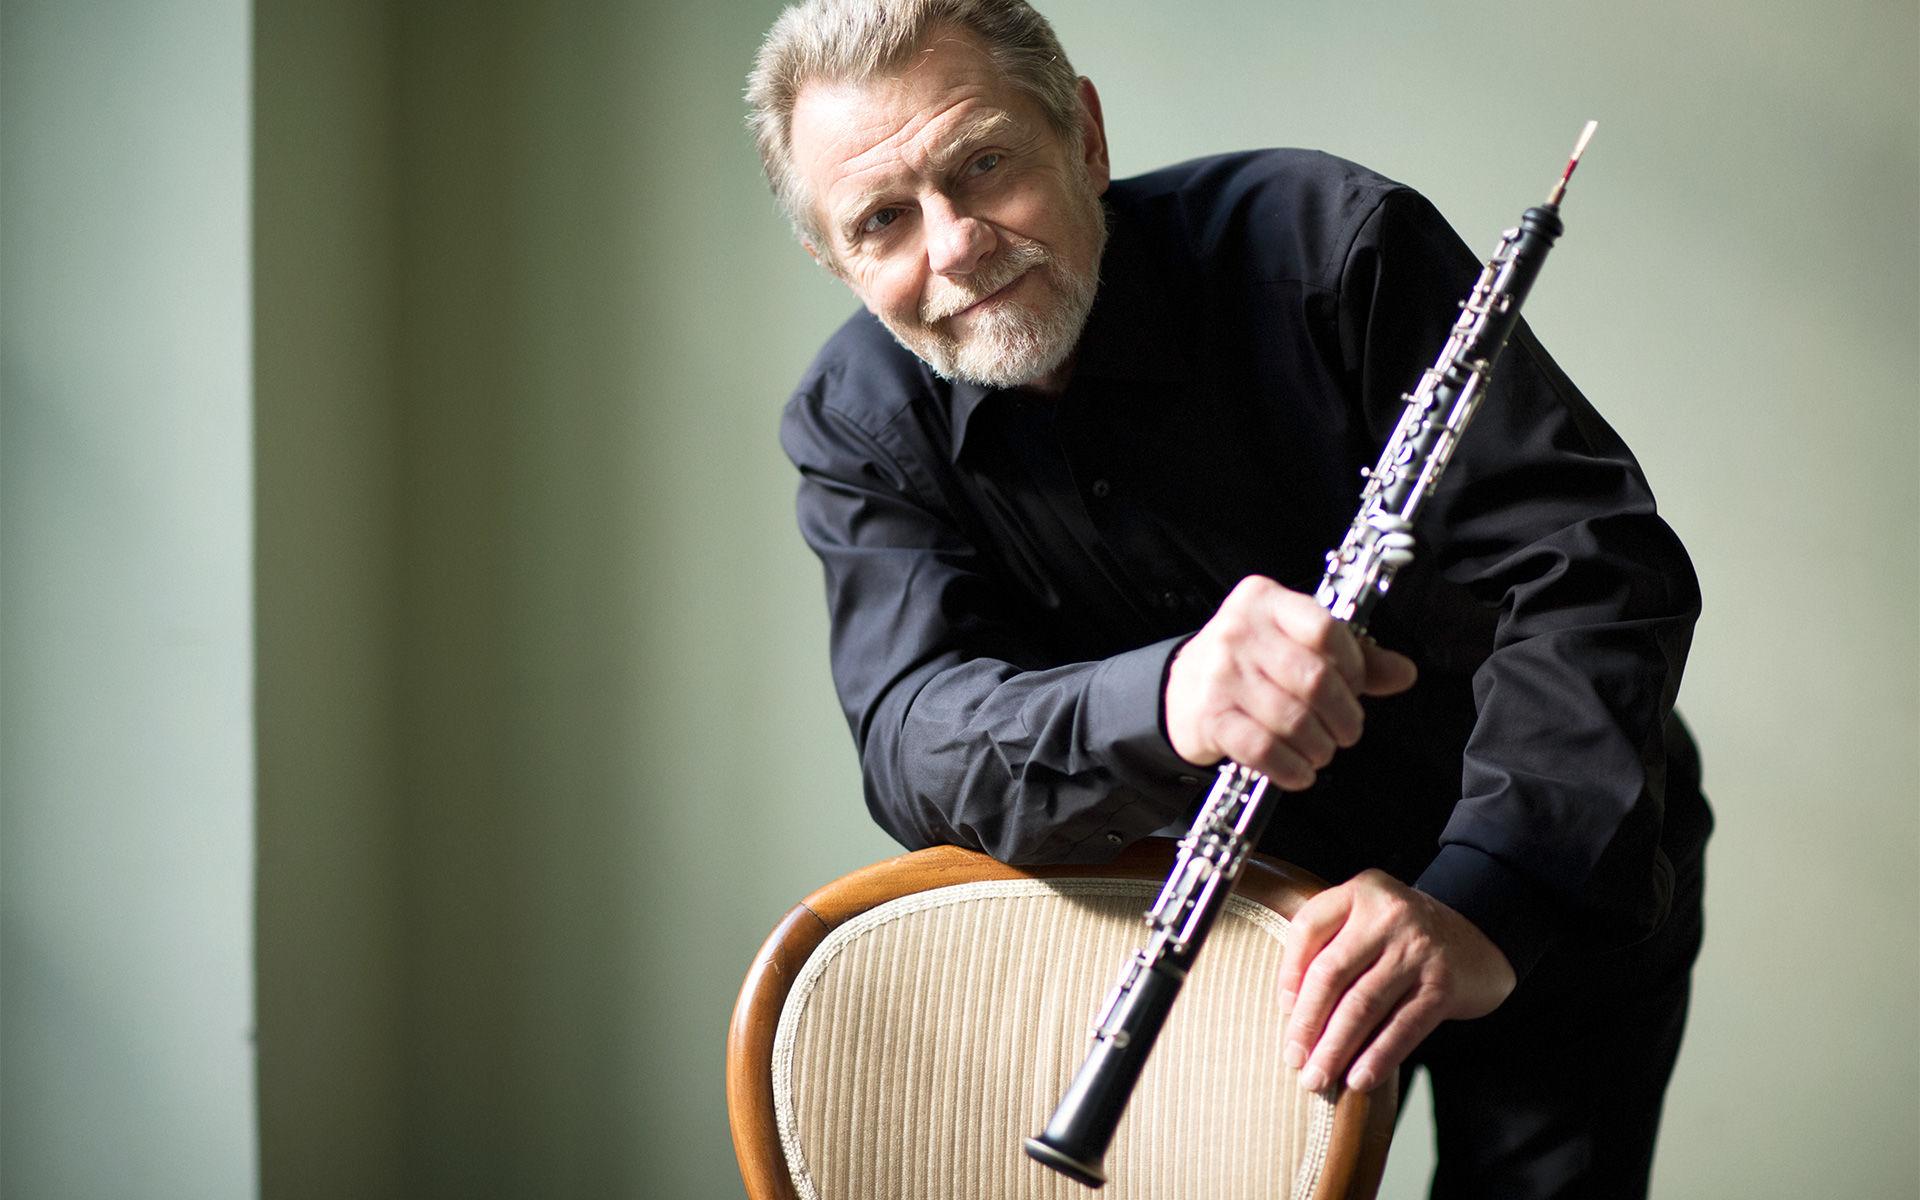 Mitglied der Staatsbad Philharmonie Kissingen, Joachim Bannasch